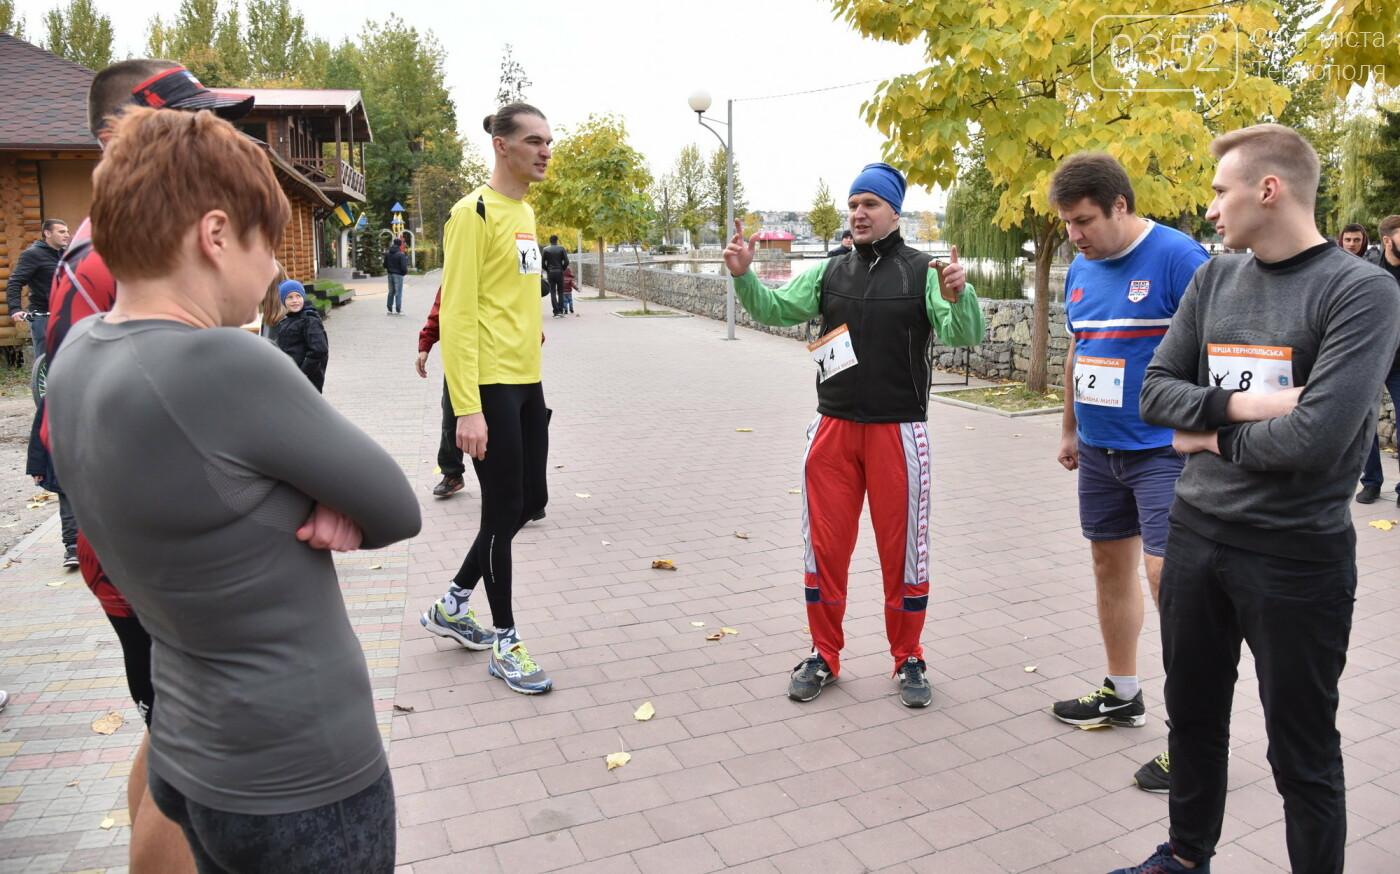 У Тернополі на «Пивній милі», де треба було пити пиво під час бігу, фінішувати вдалося не всім (Фоторепортаж), фото-1